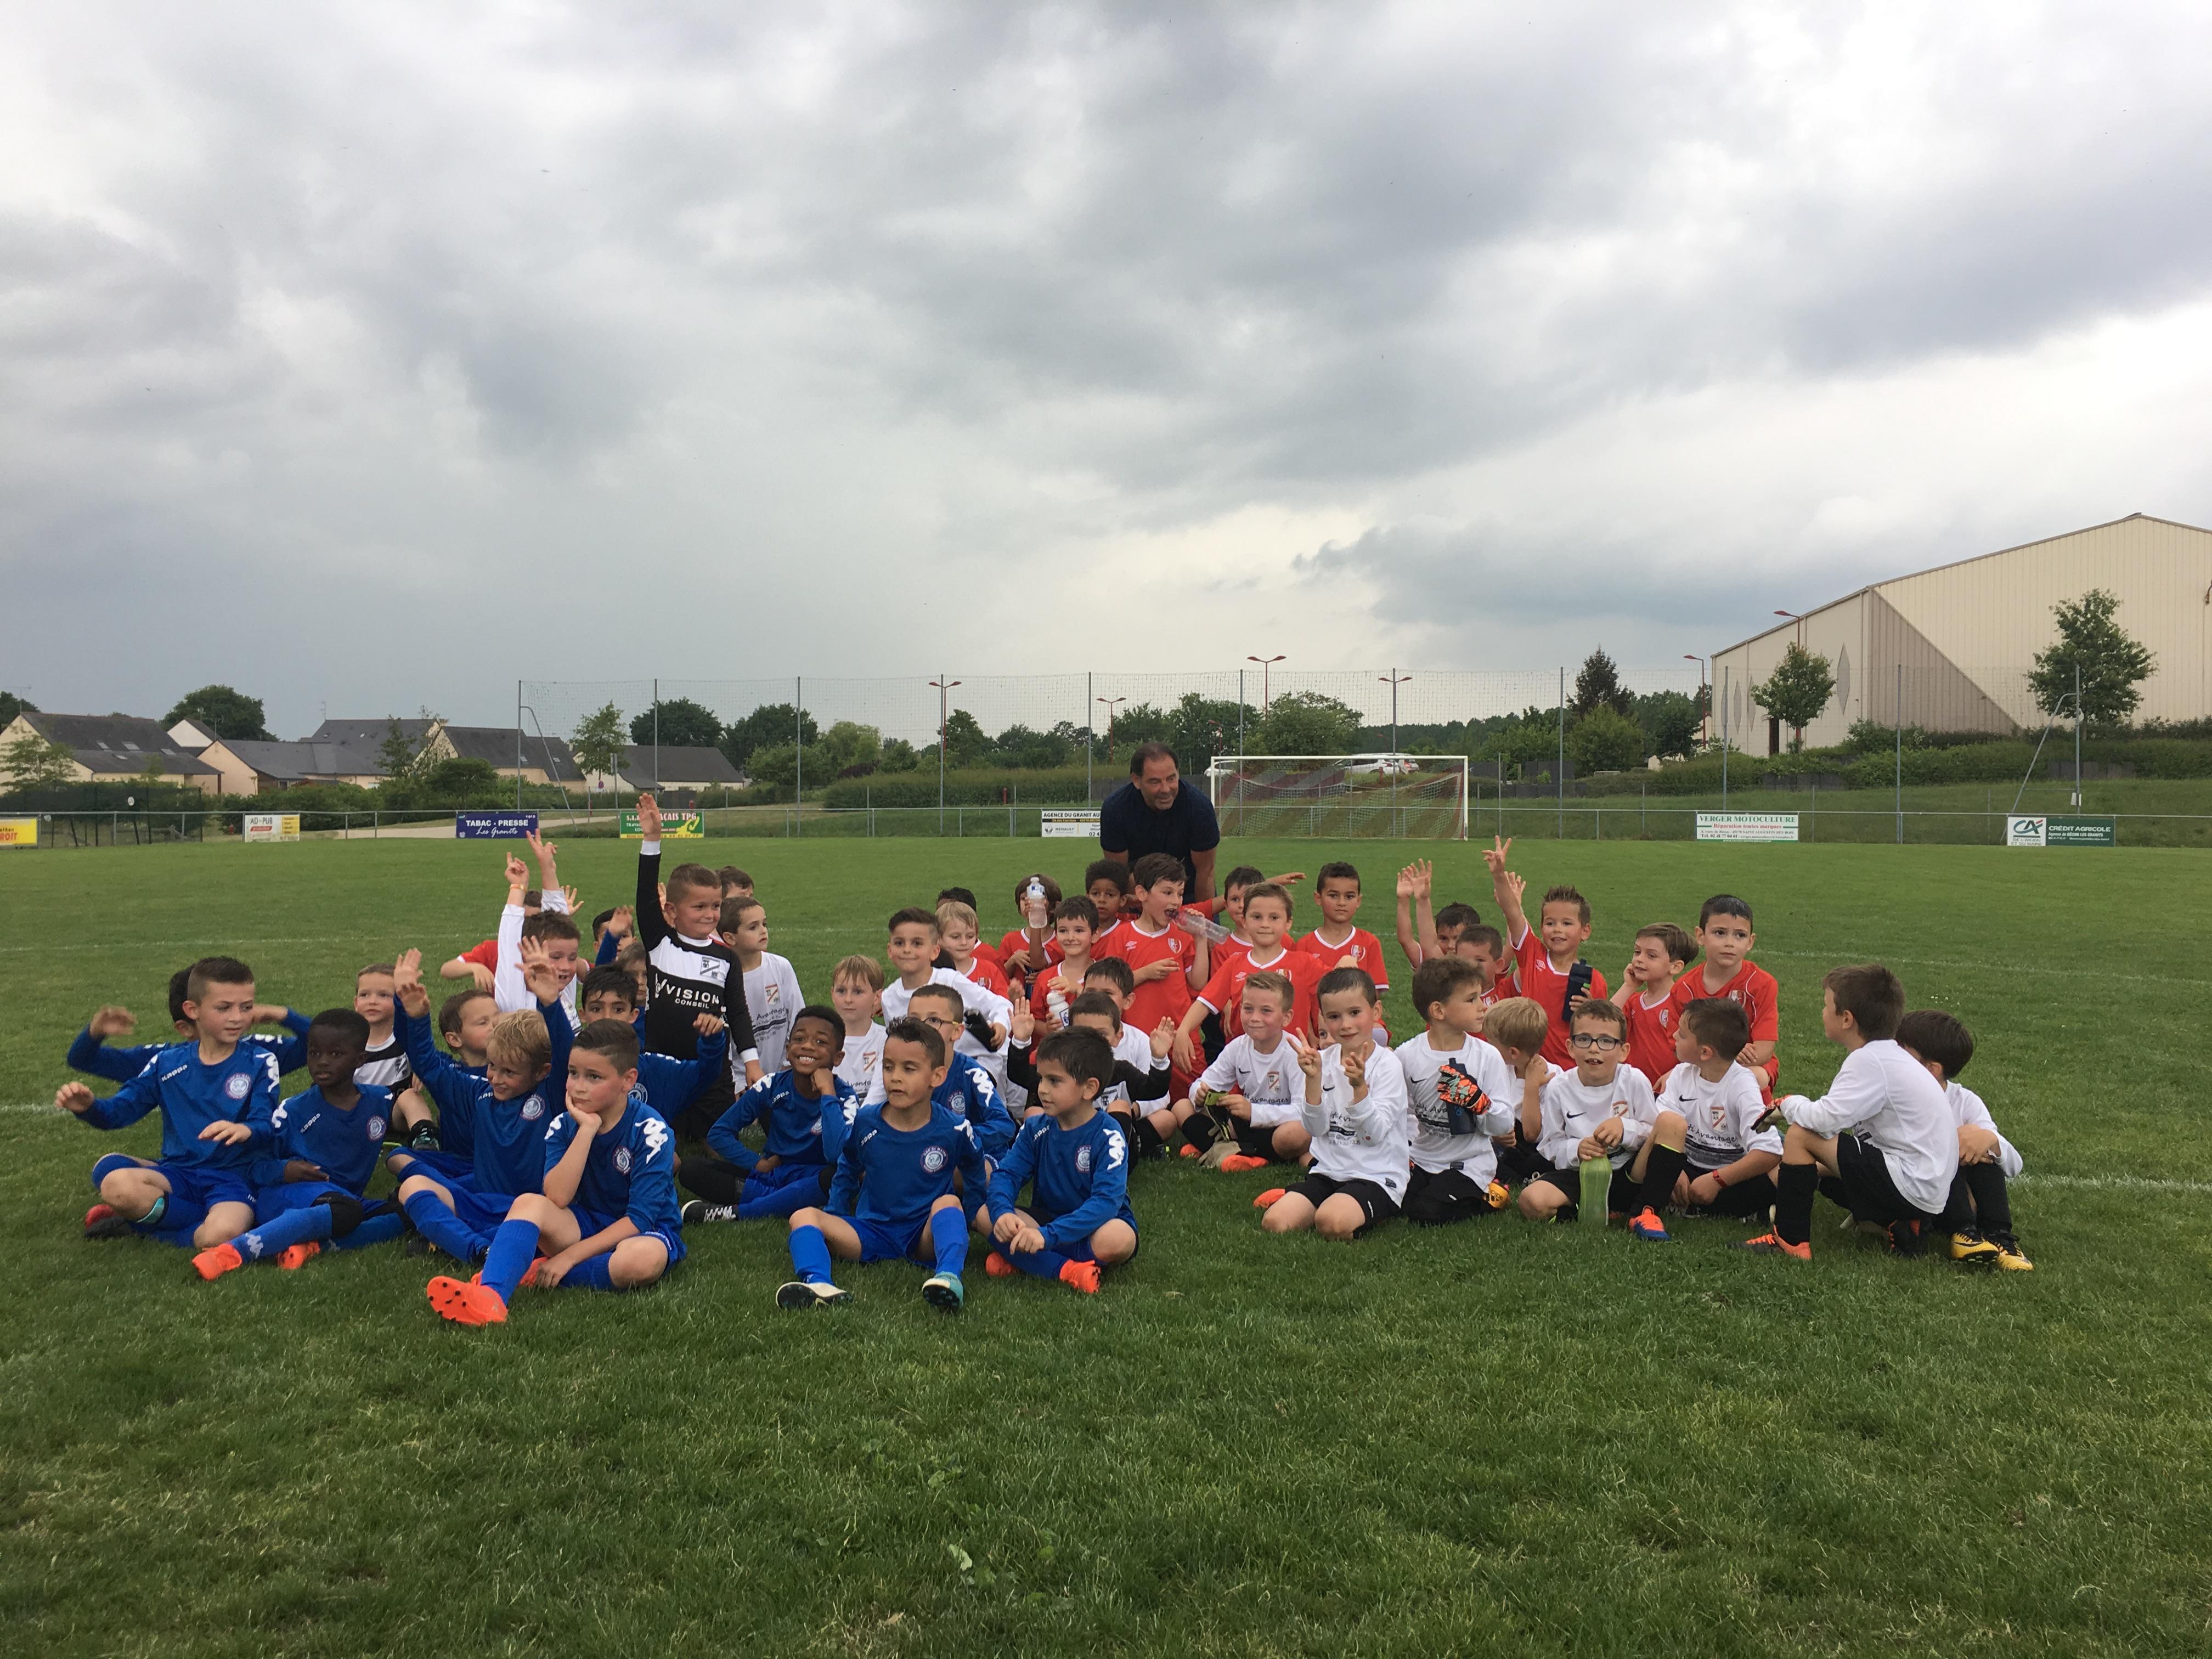 Merci à Stephane MOULIN, entraîneur du SCO d'Angers, pour ce moment partagé avec les enfants